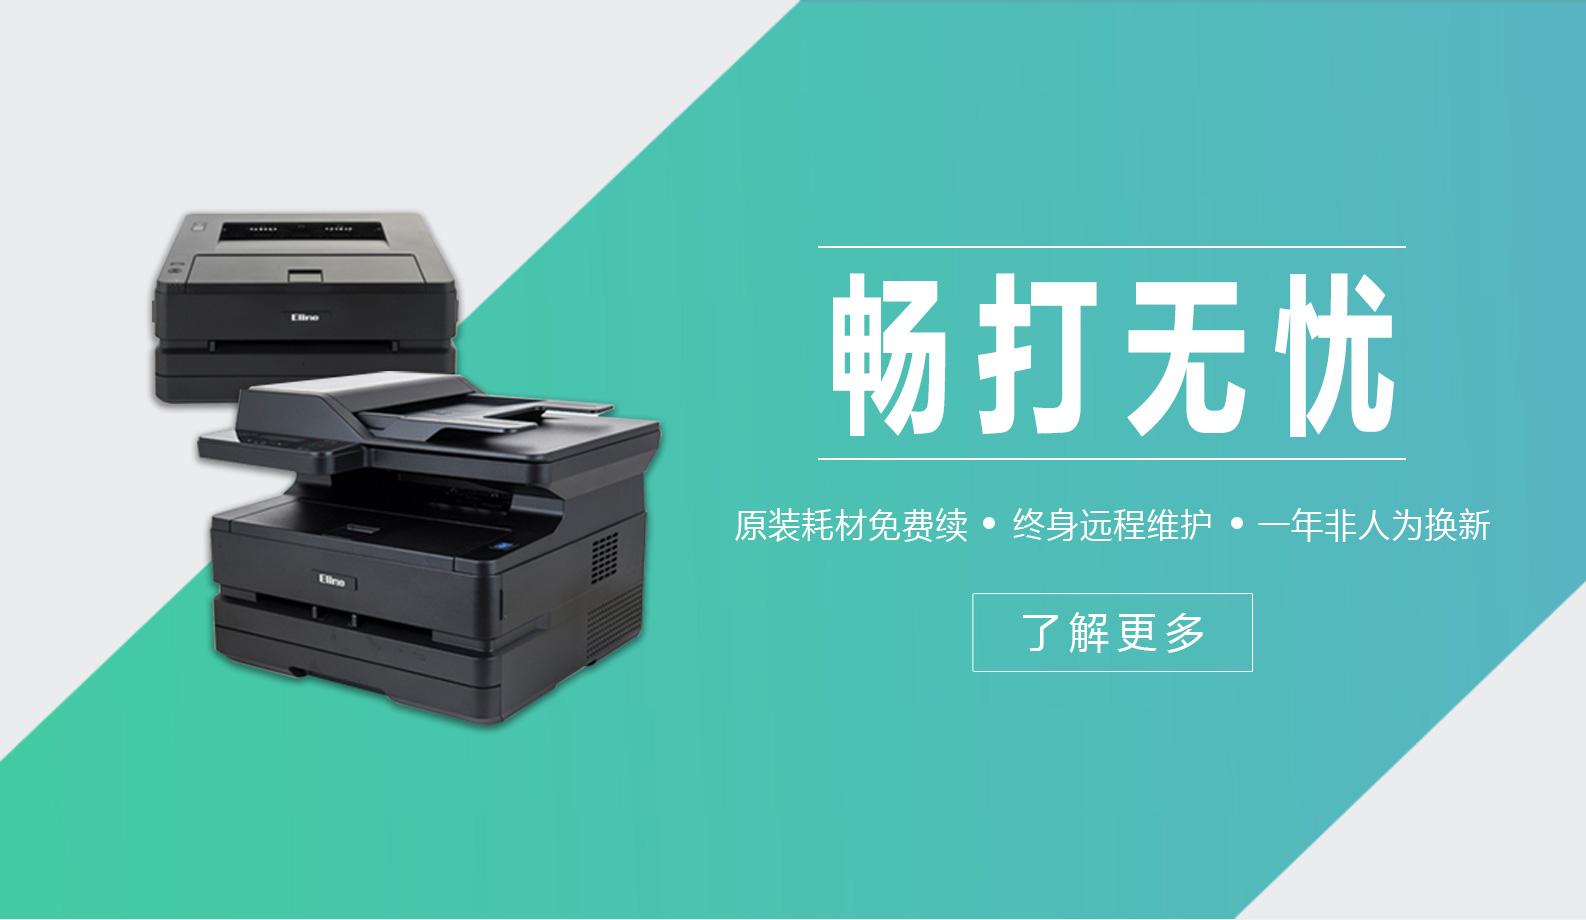 宜联打印机